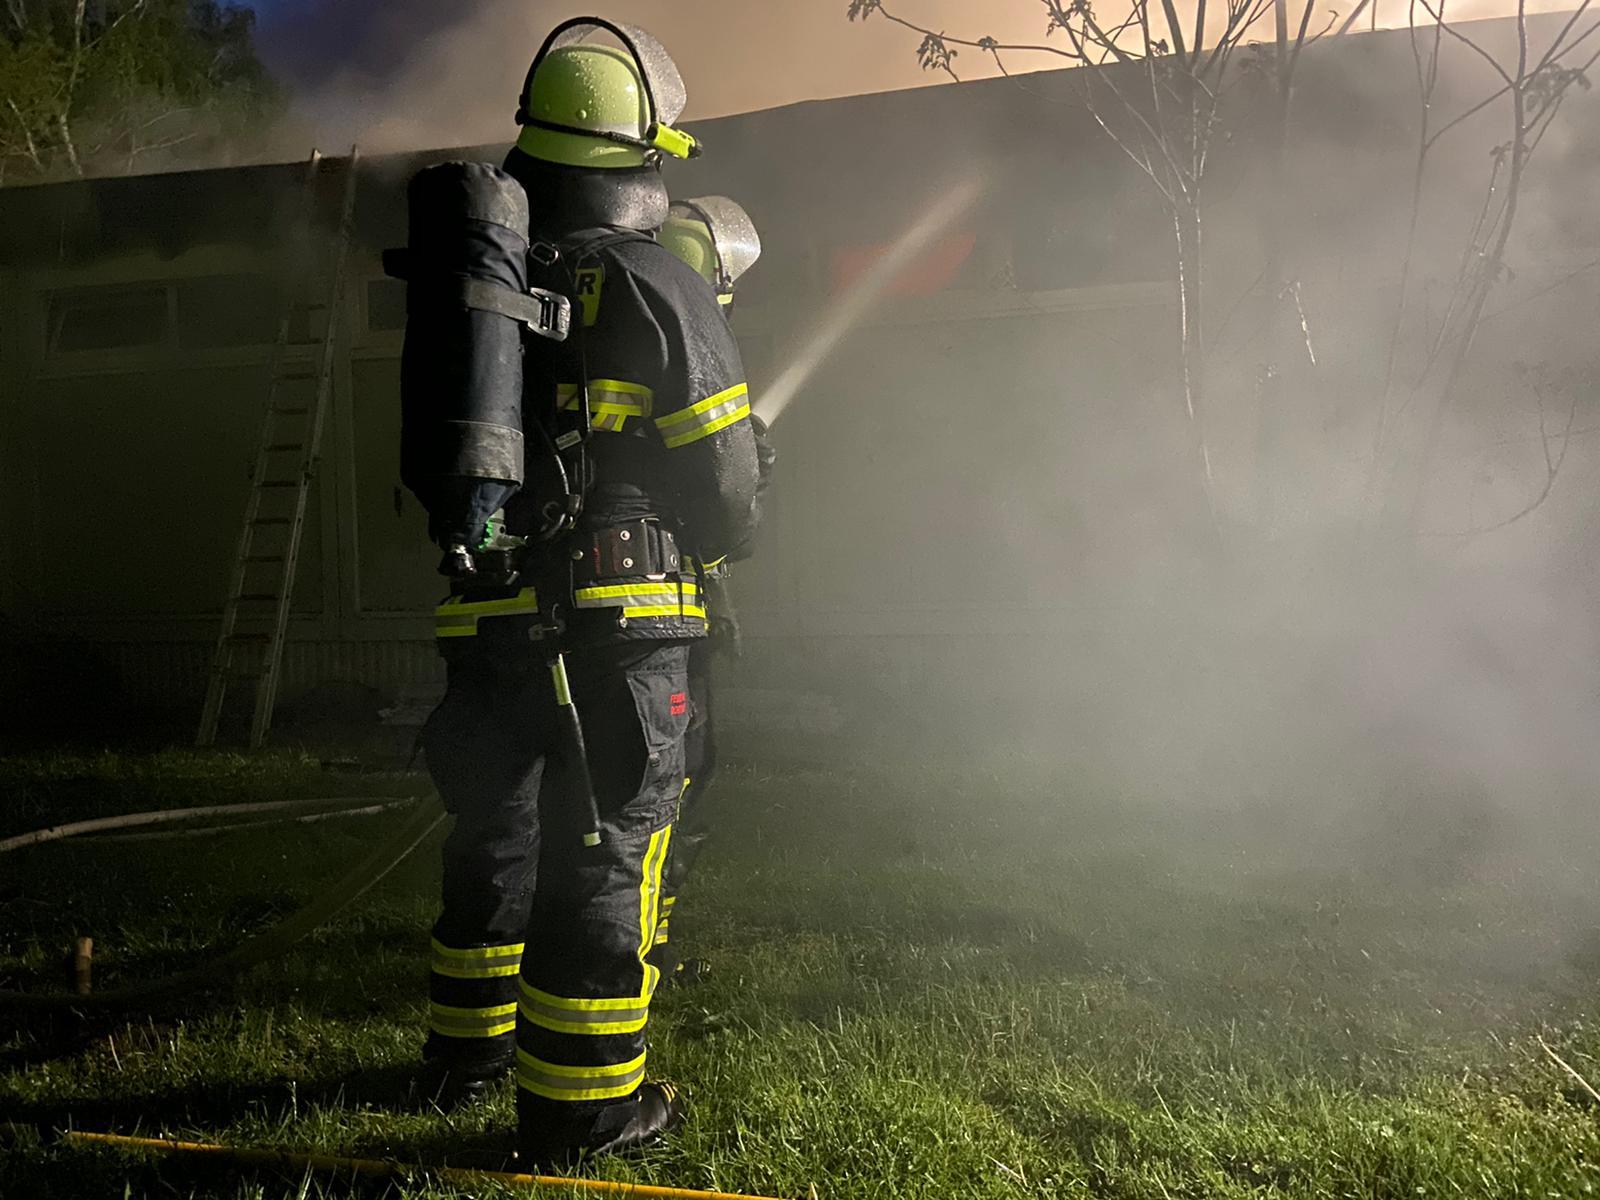 zwei Feuerwehrleute löschen im Dunkeln mit einem C-Strahlrohr ein stark verrauchtes Gebäude mit Flachdach